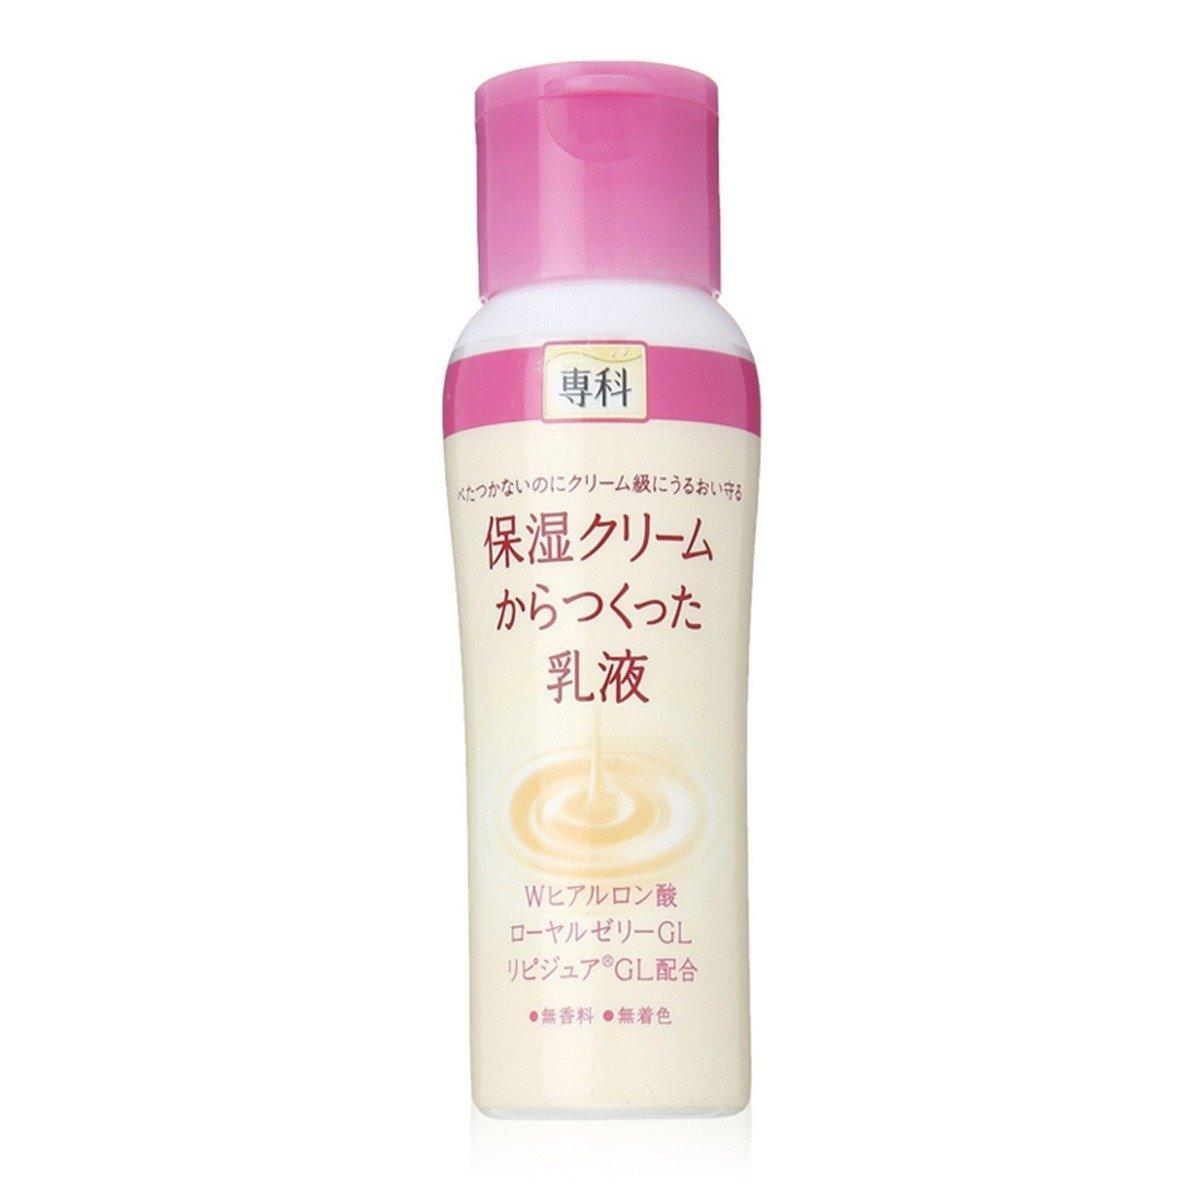 專科保濕乳液150ml   [平行進口產品]